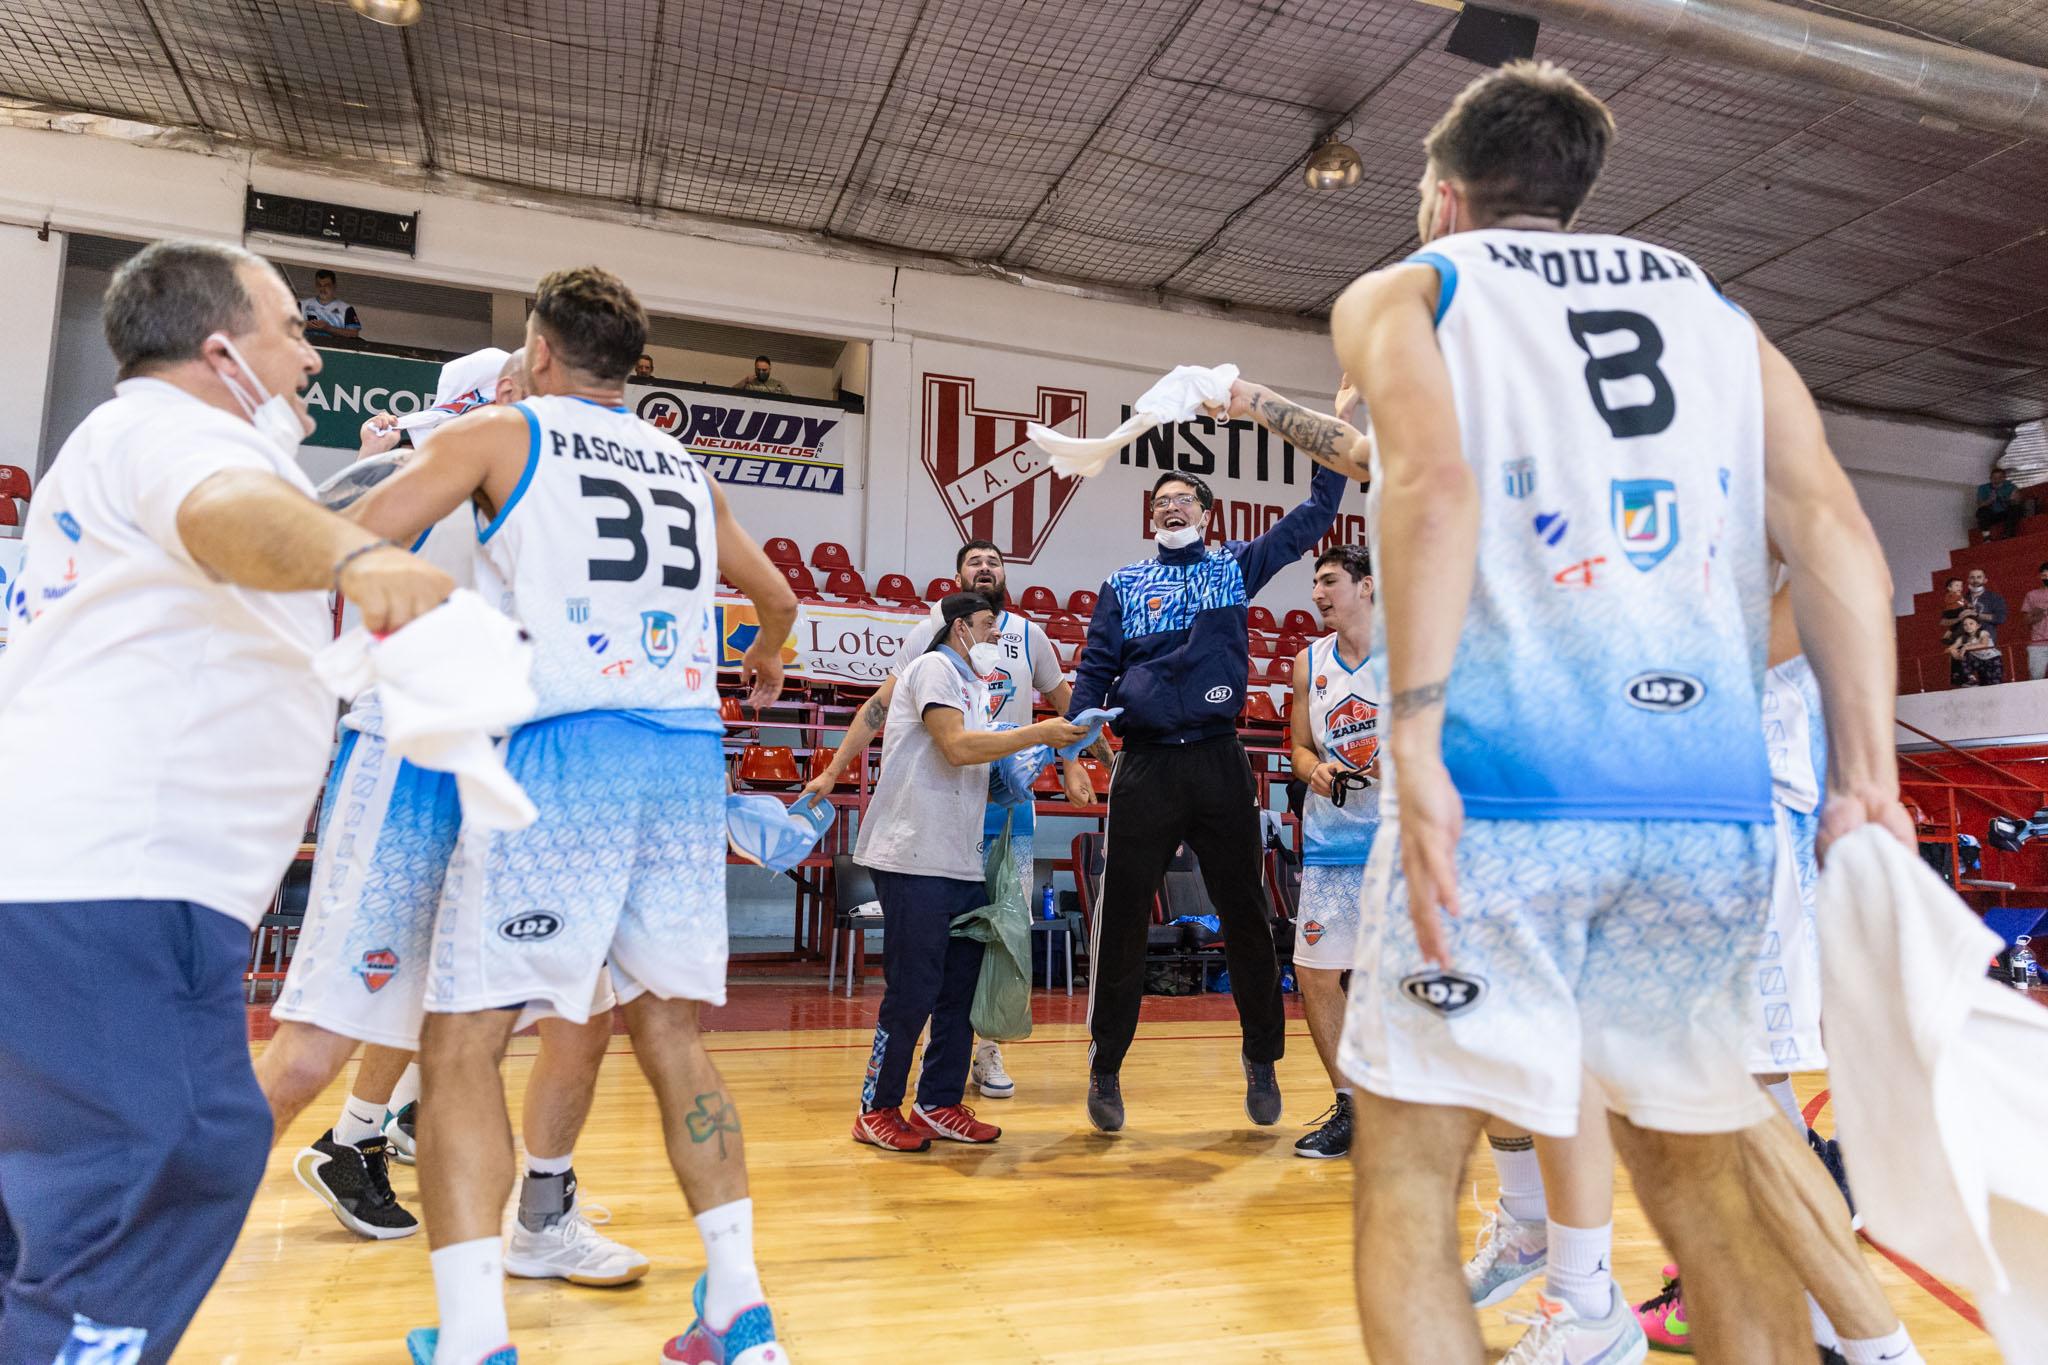 ¡Zárate Basket consiguió el ascenso!